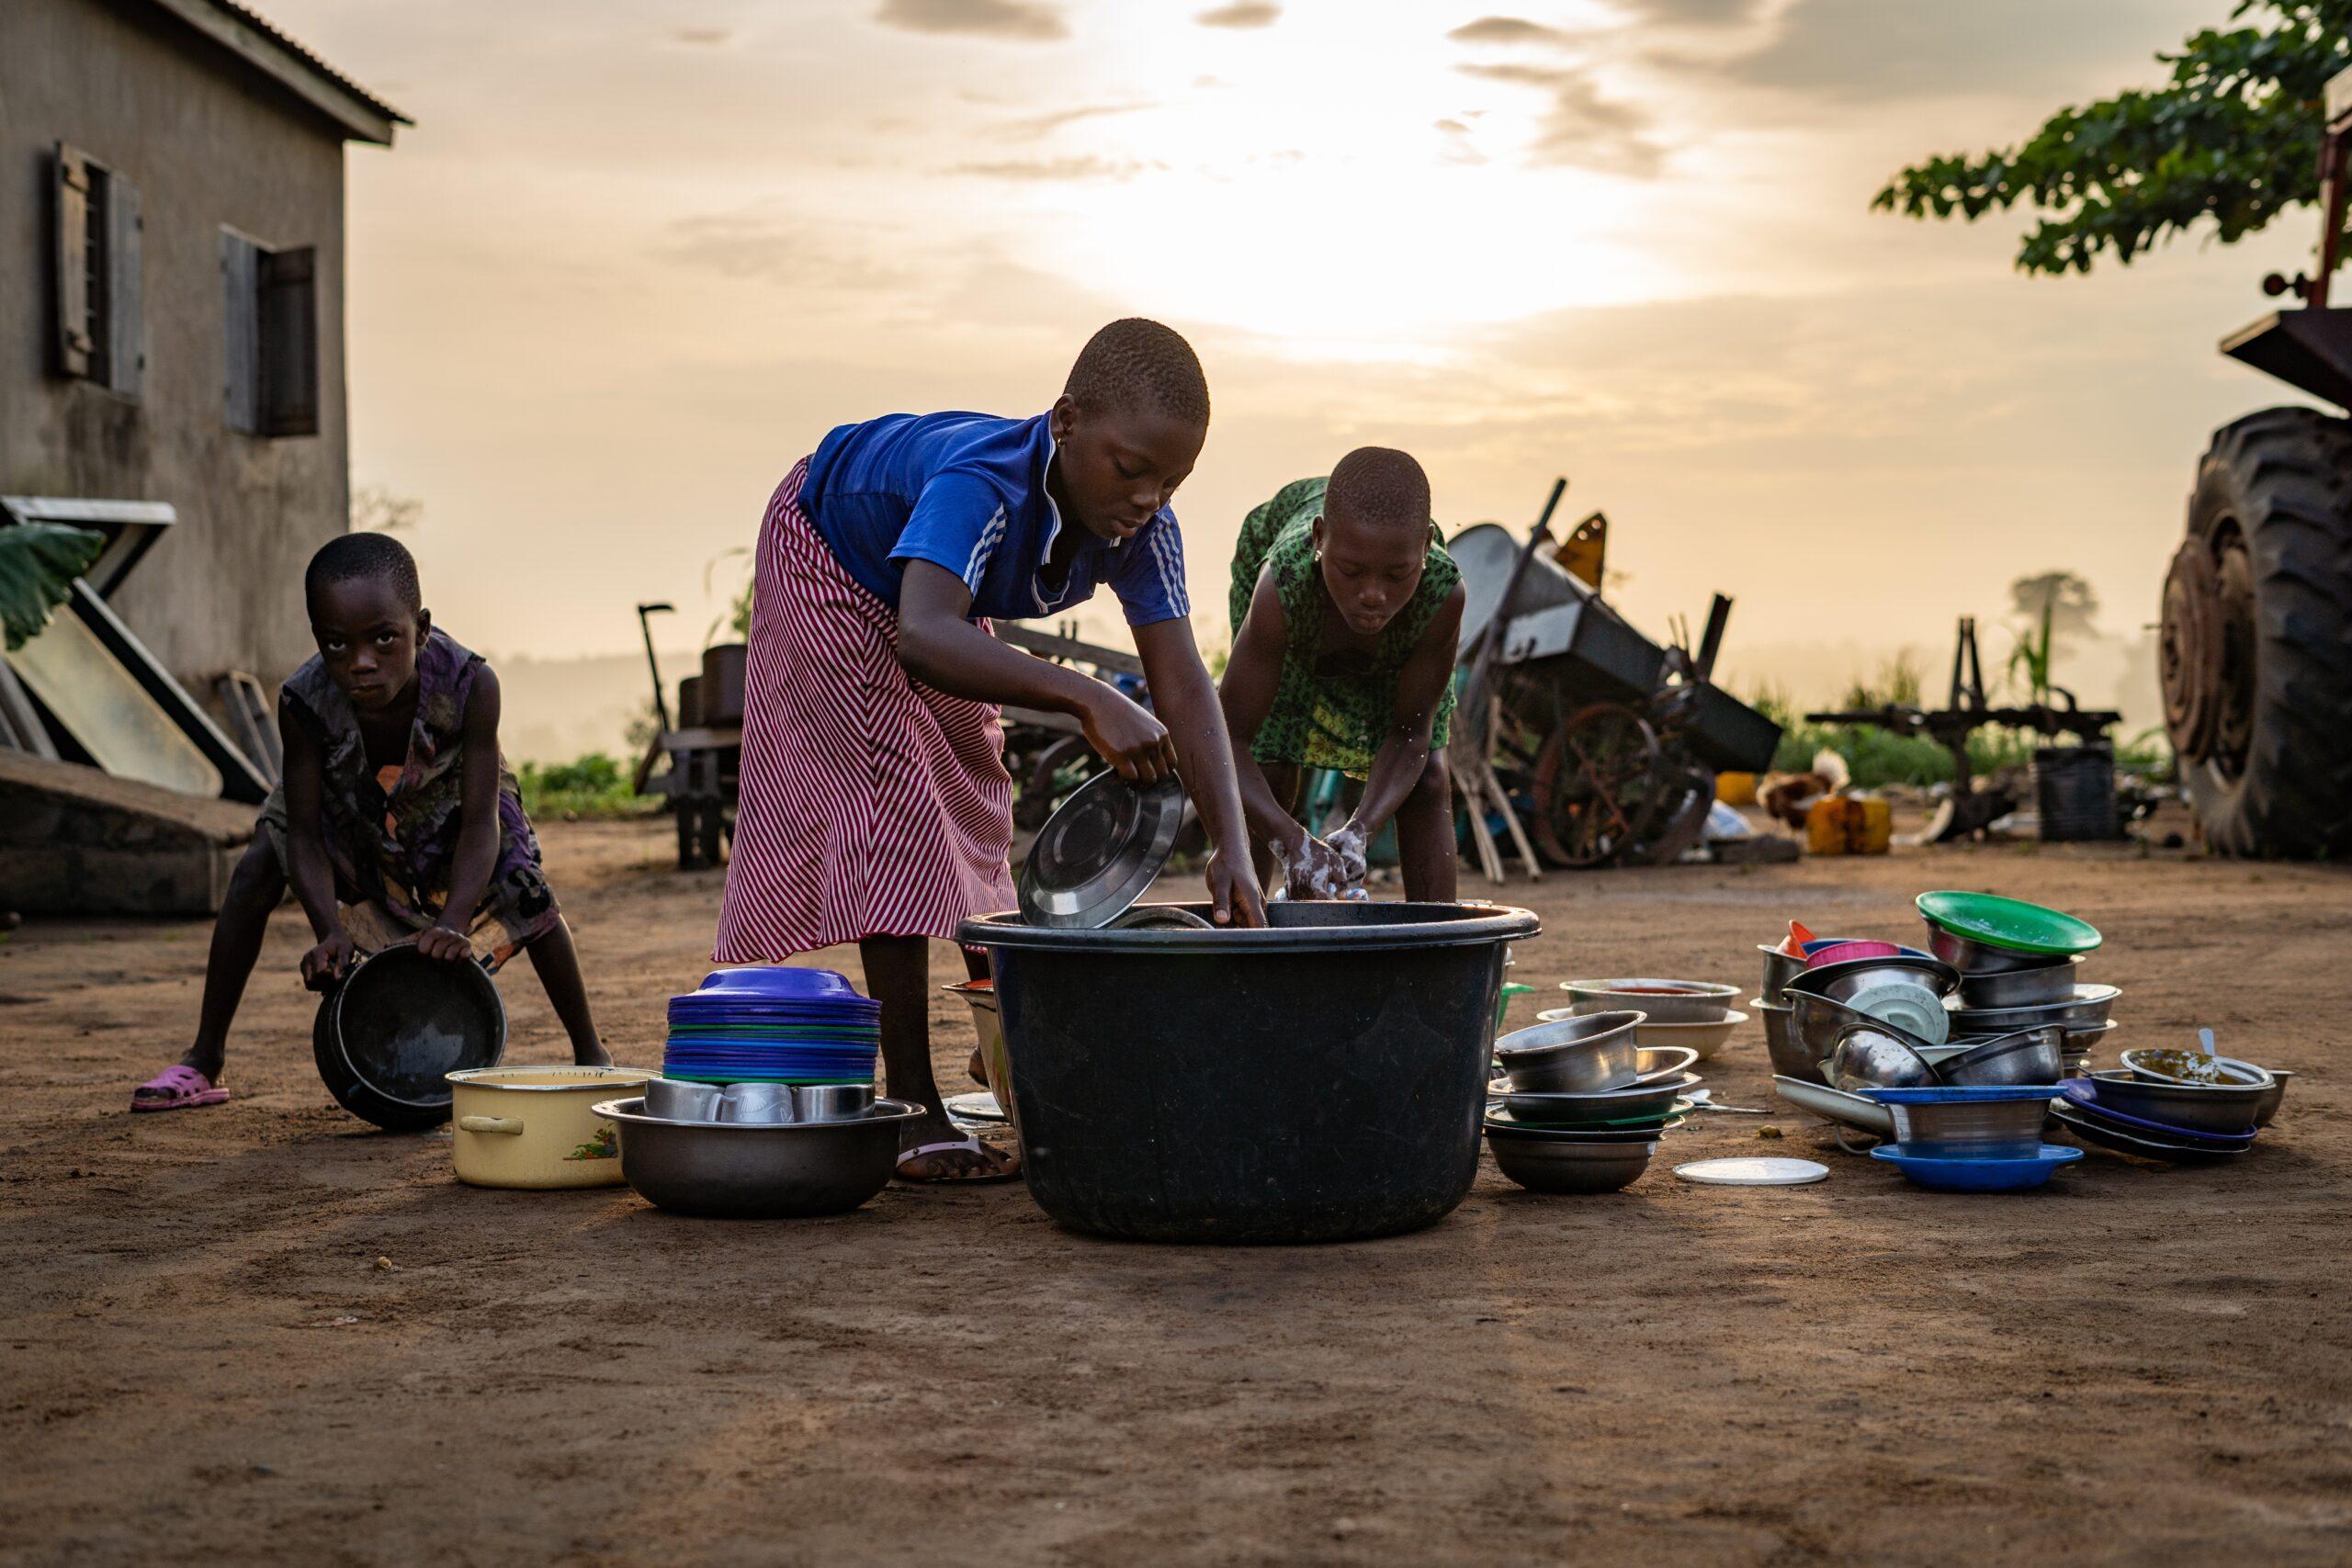 Imagen de la noticia protección y reinserción educativa, familiar y social de niños, niñas y jóvenes de la calle para la restitución de sus derechos en Btci Zongo, lomé